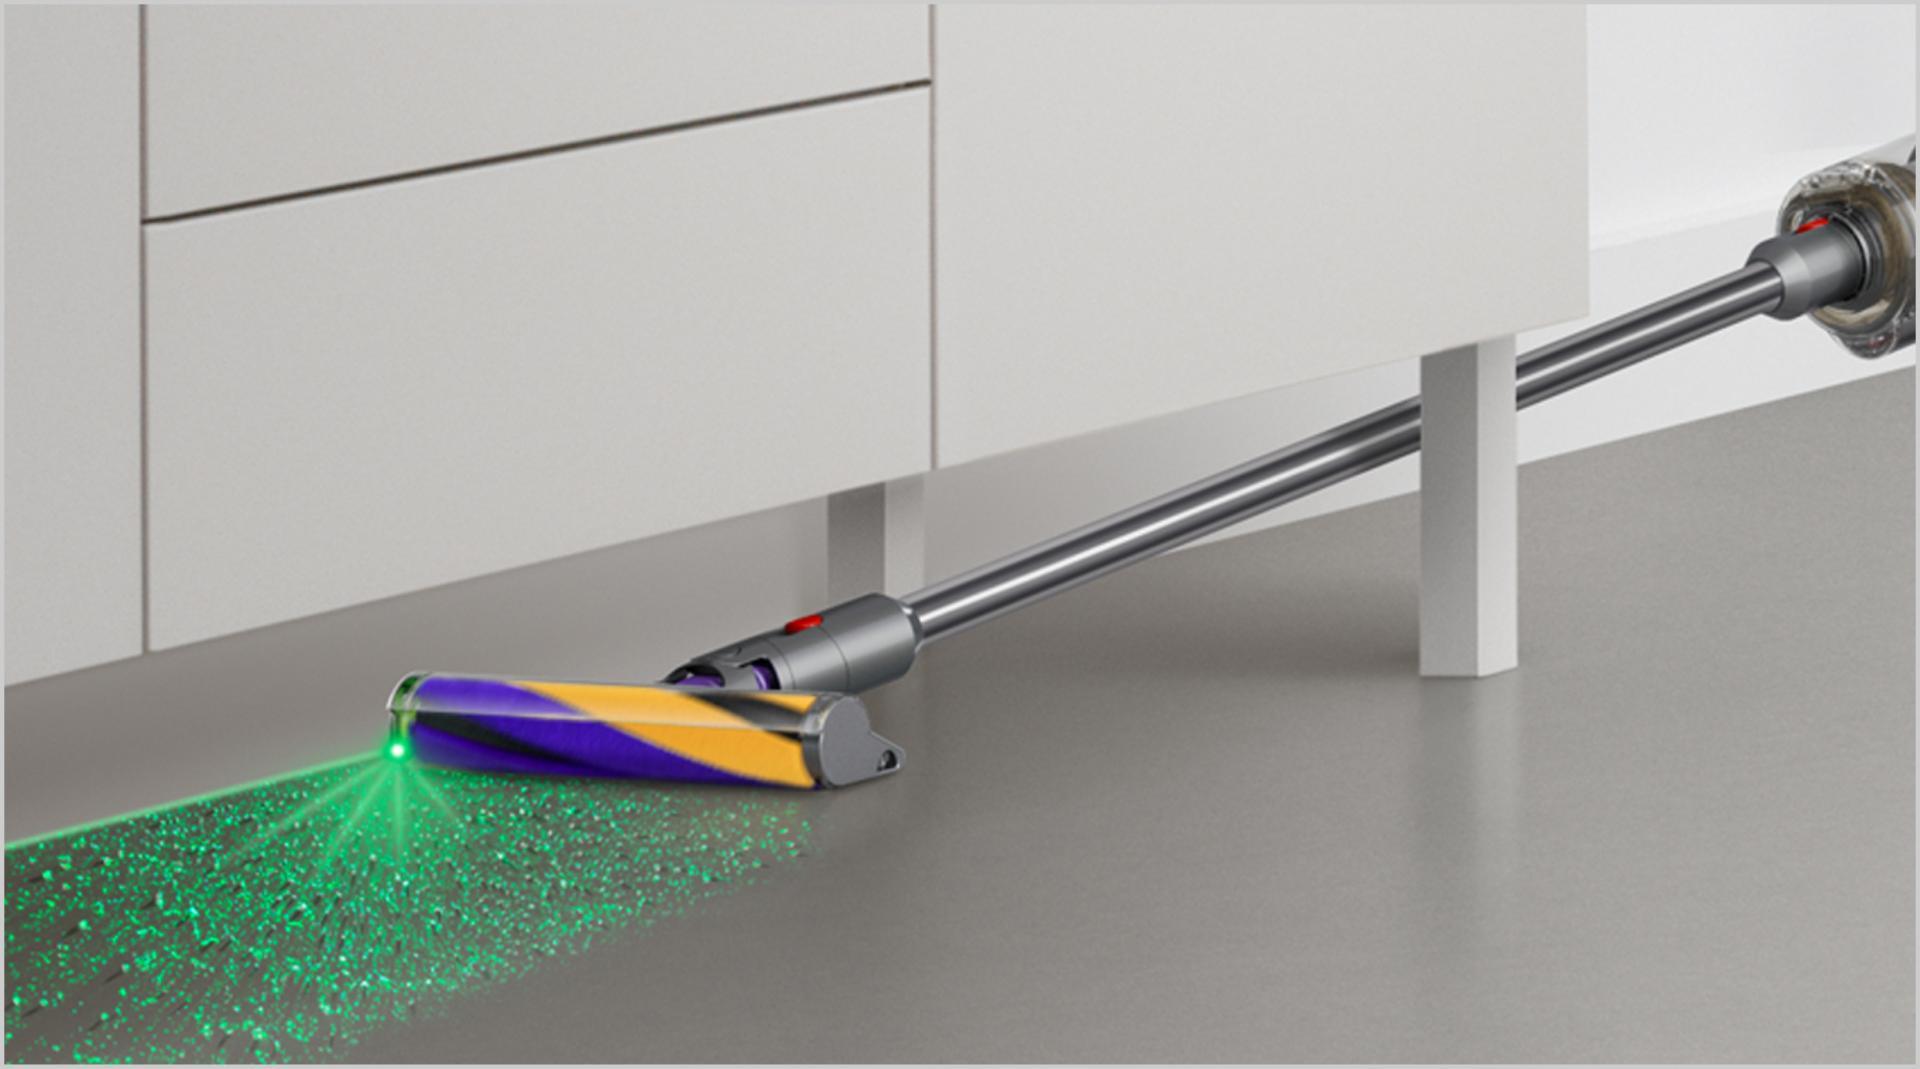 Đầu hút Laser Slim Fluffy đang làm sạch bên dưới đồ nội thất thấp